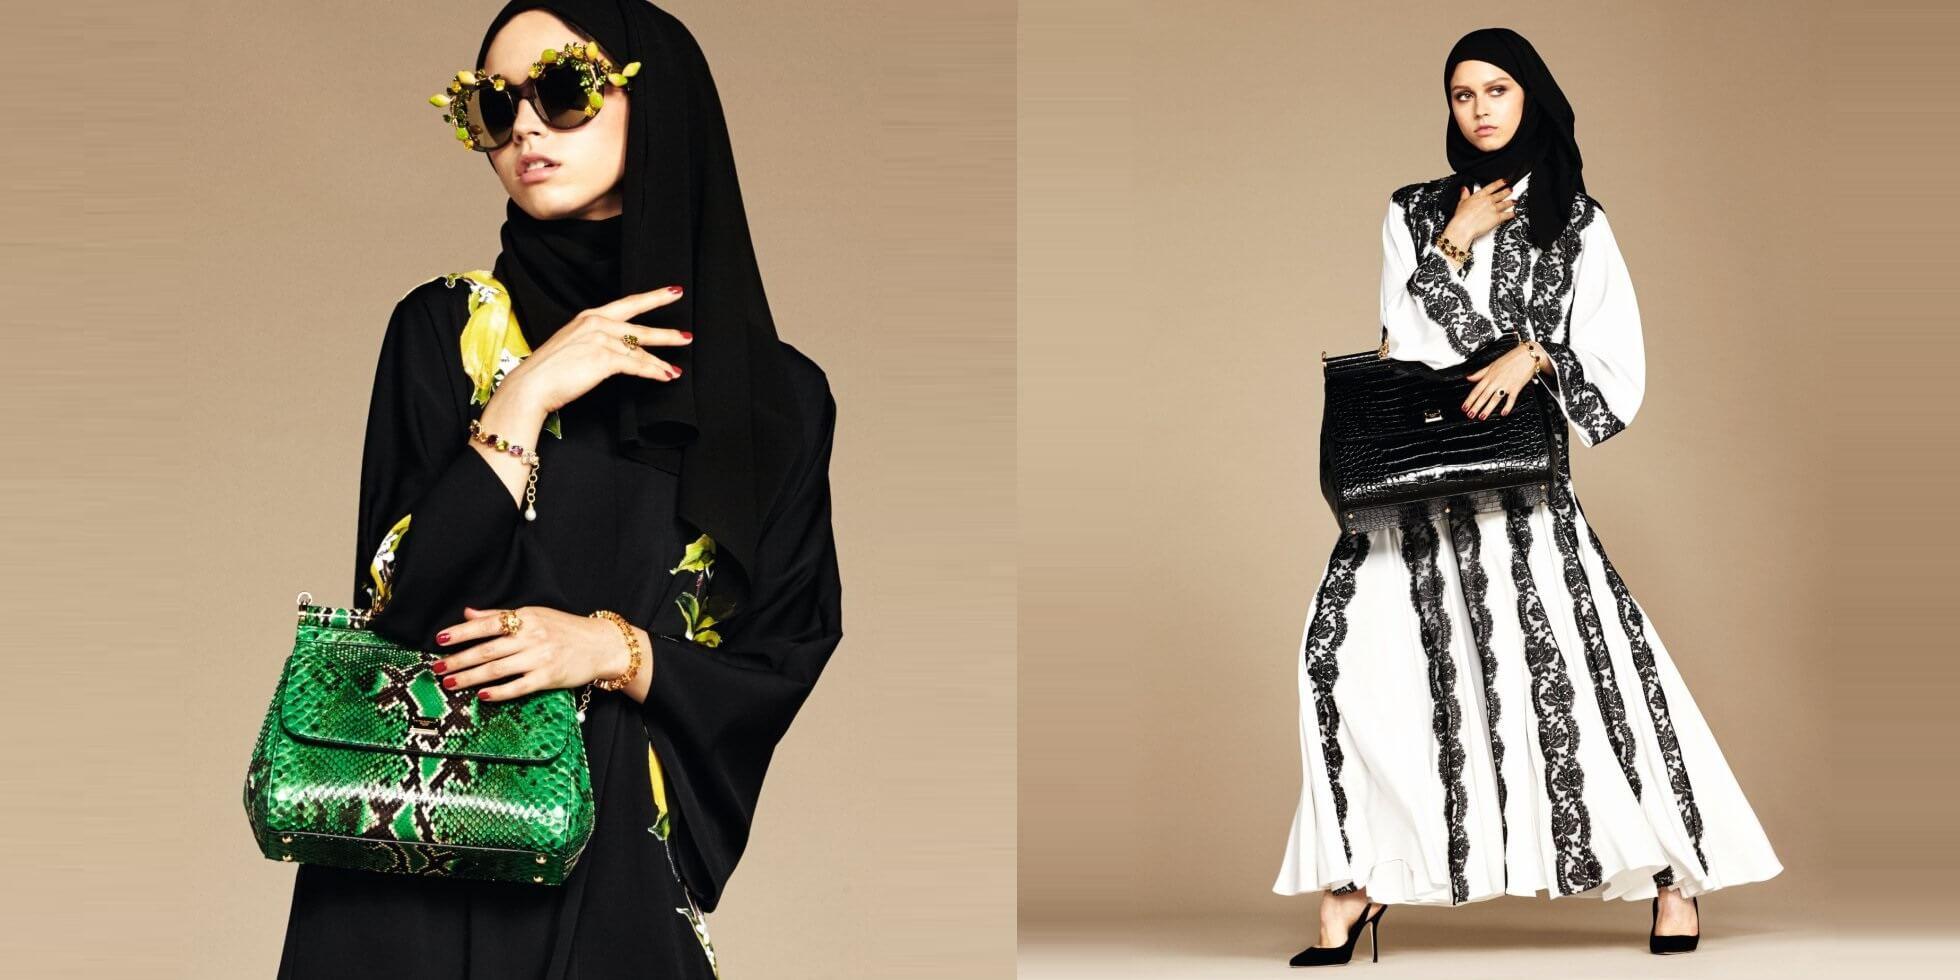 e2f44b88a8 Spot Dolce & Gabbana polemiche in Cina e poi le scuse - Inside Marketing